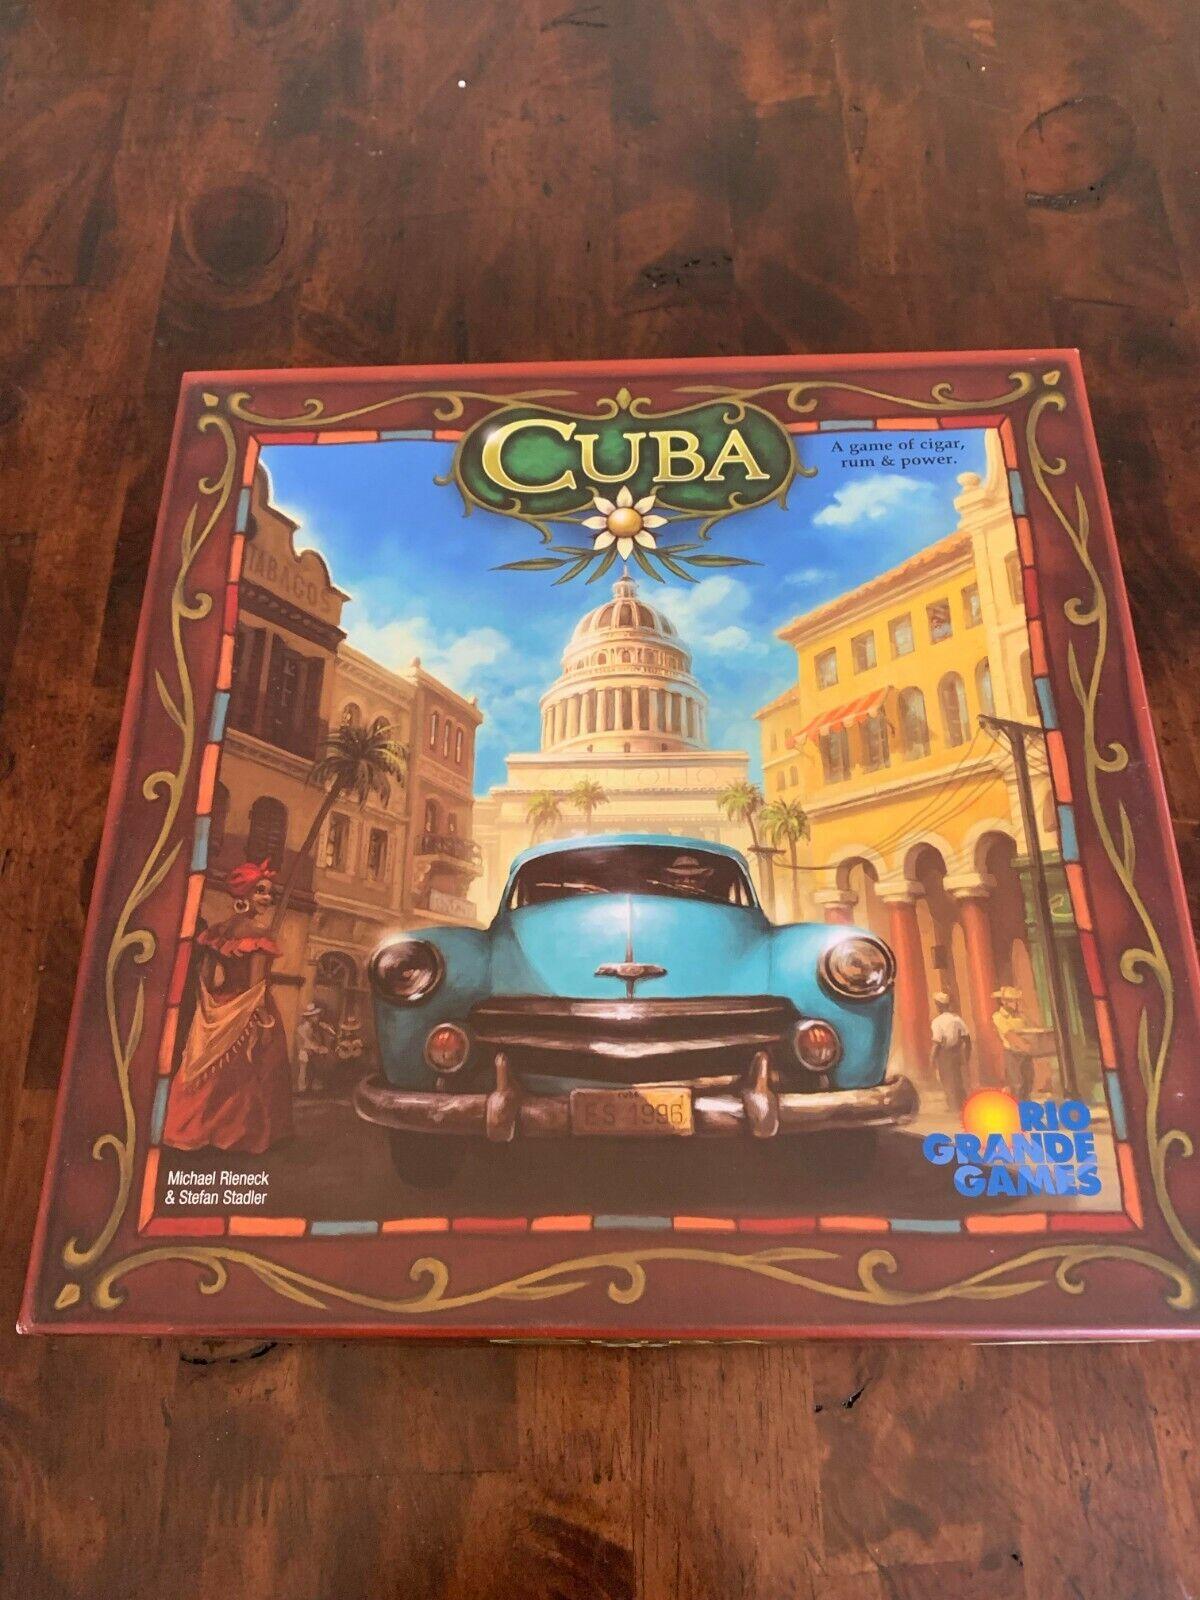 Cuba juego de mesa con el presidente expansión Rio Grande Games fuera de paquete Plus Coche